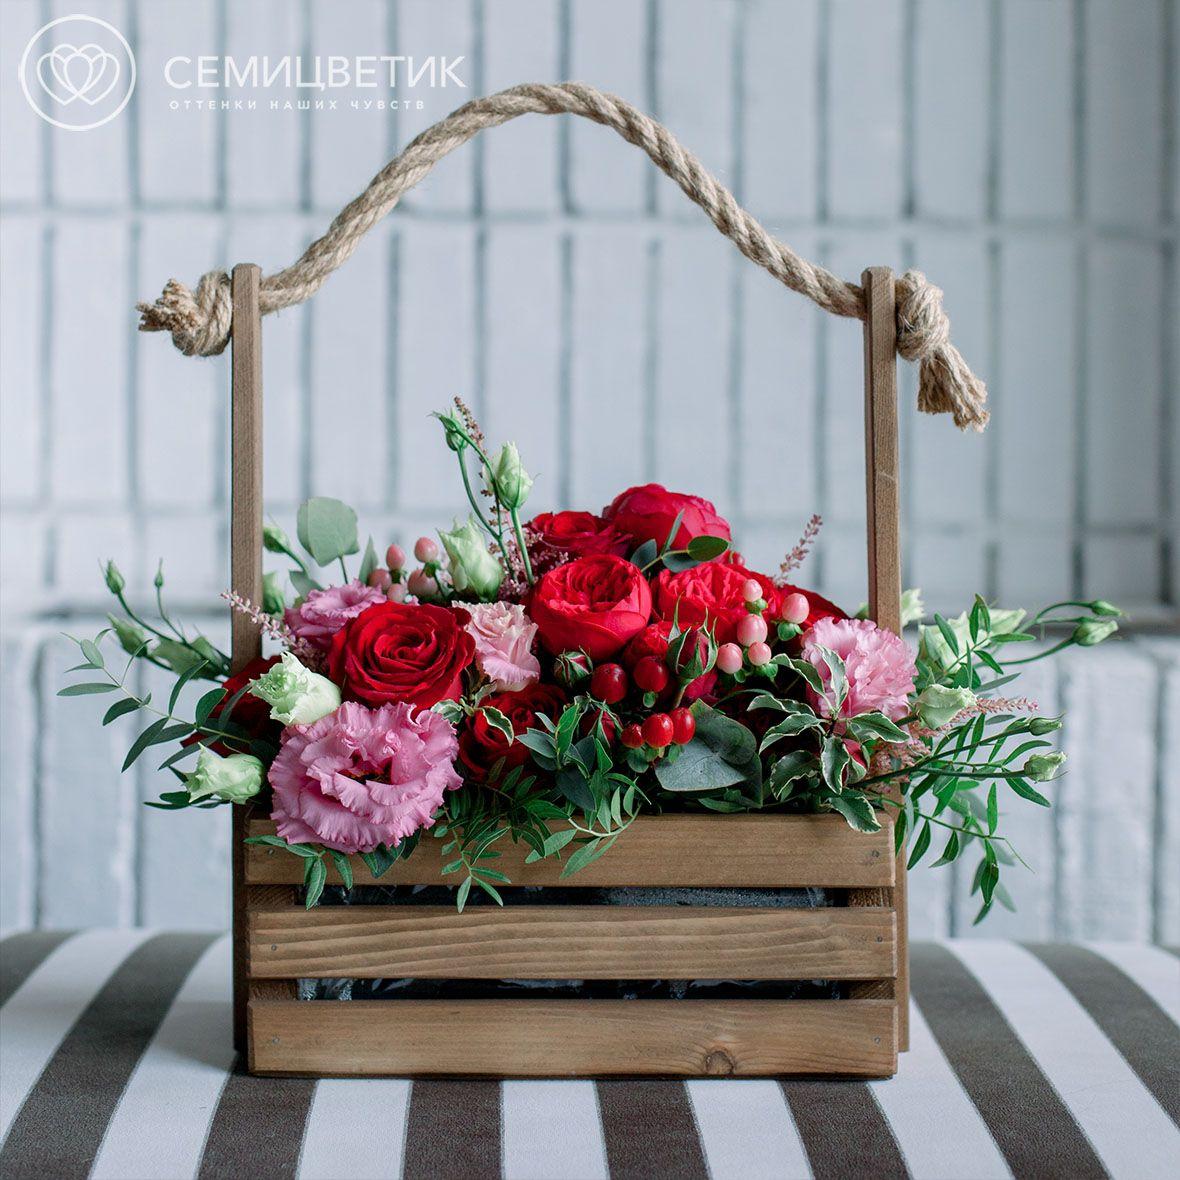 Деревянный ящик с красной пионовидной розой и зеленью фото